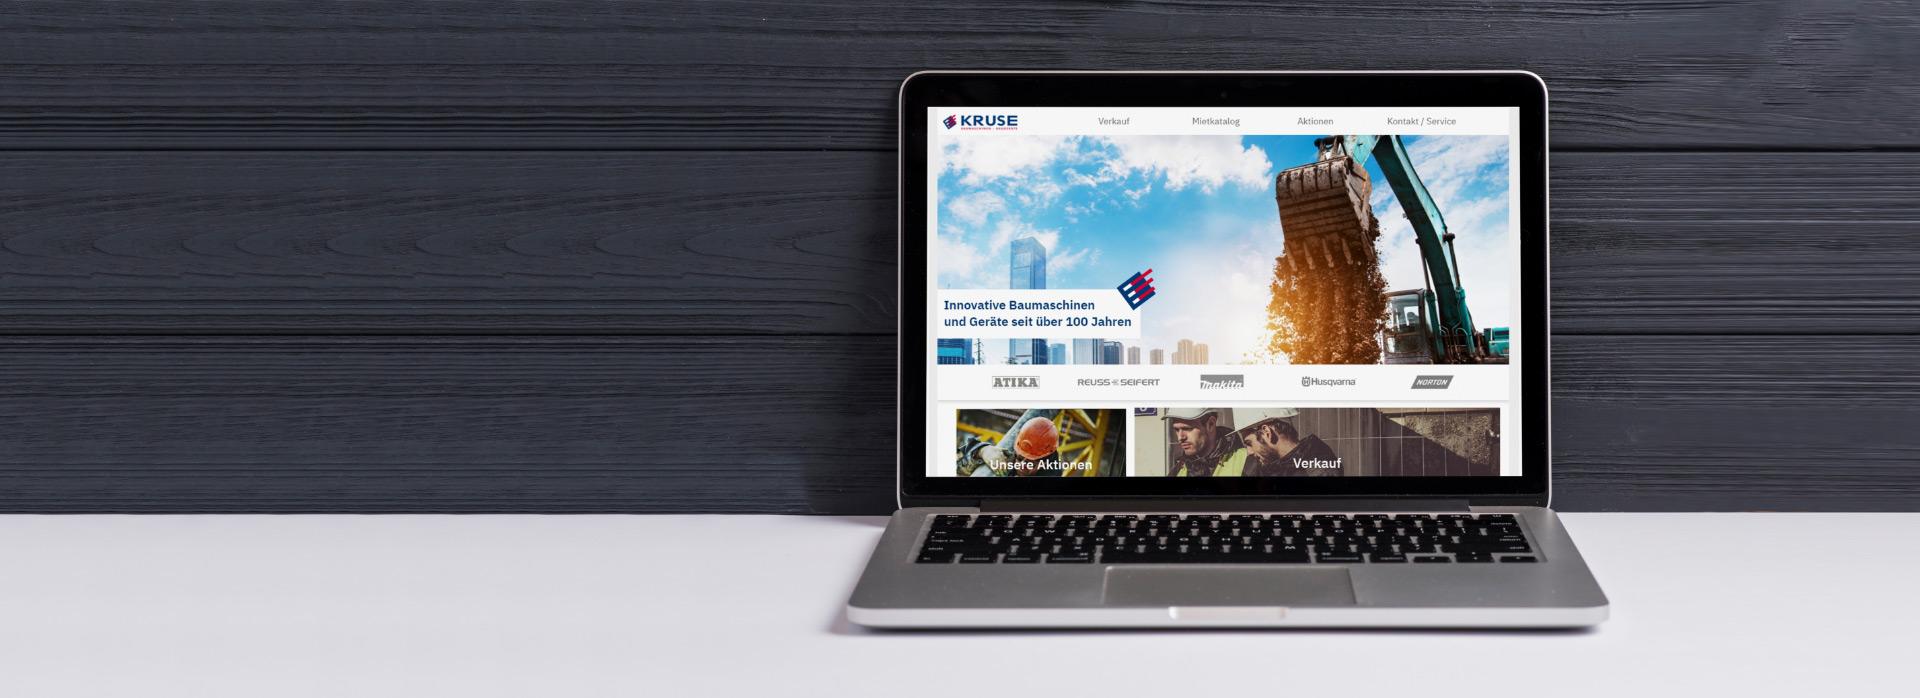 Foto Laptop